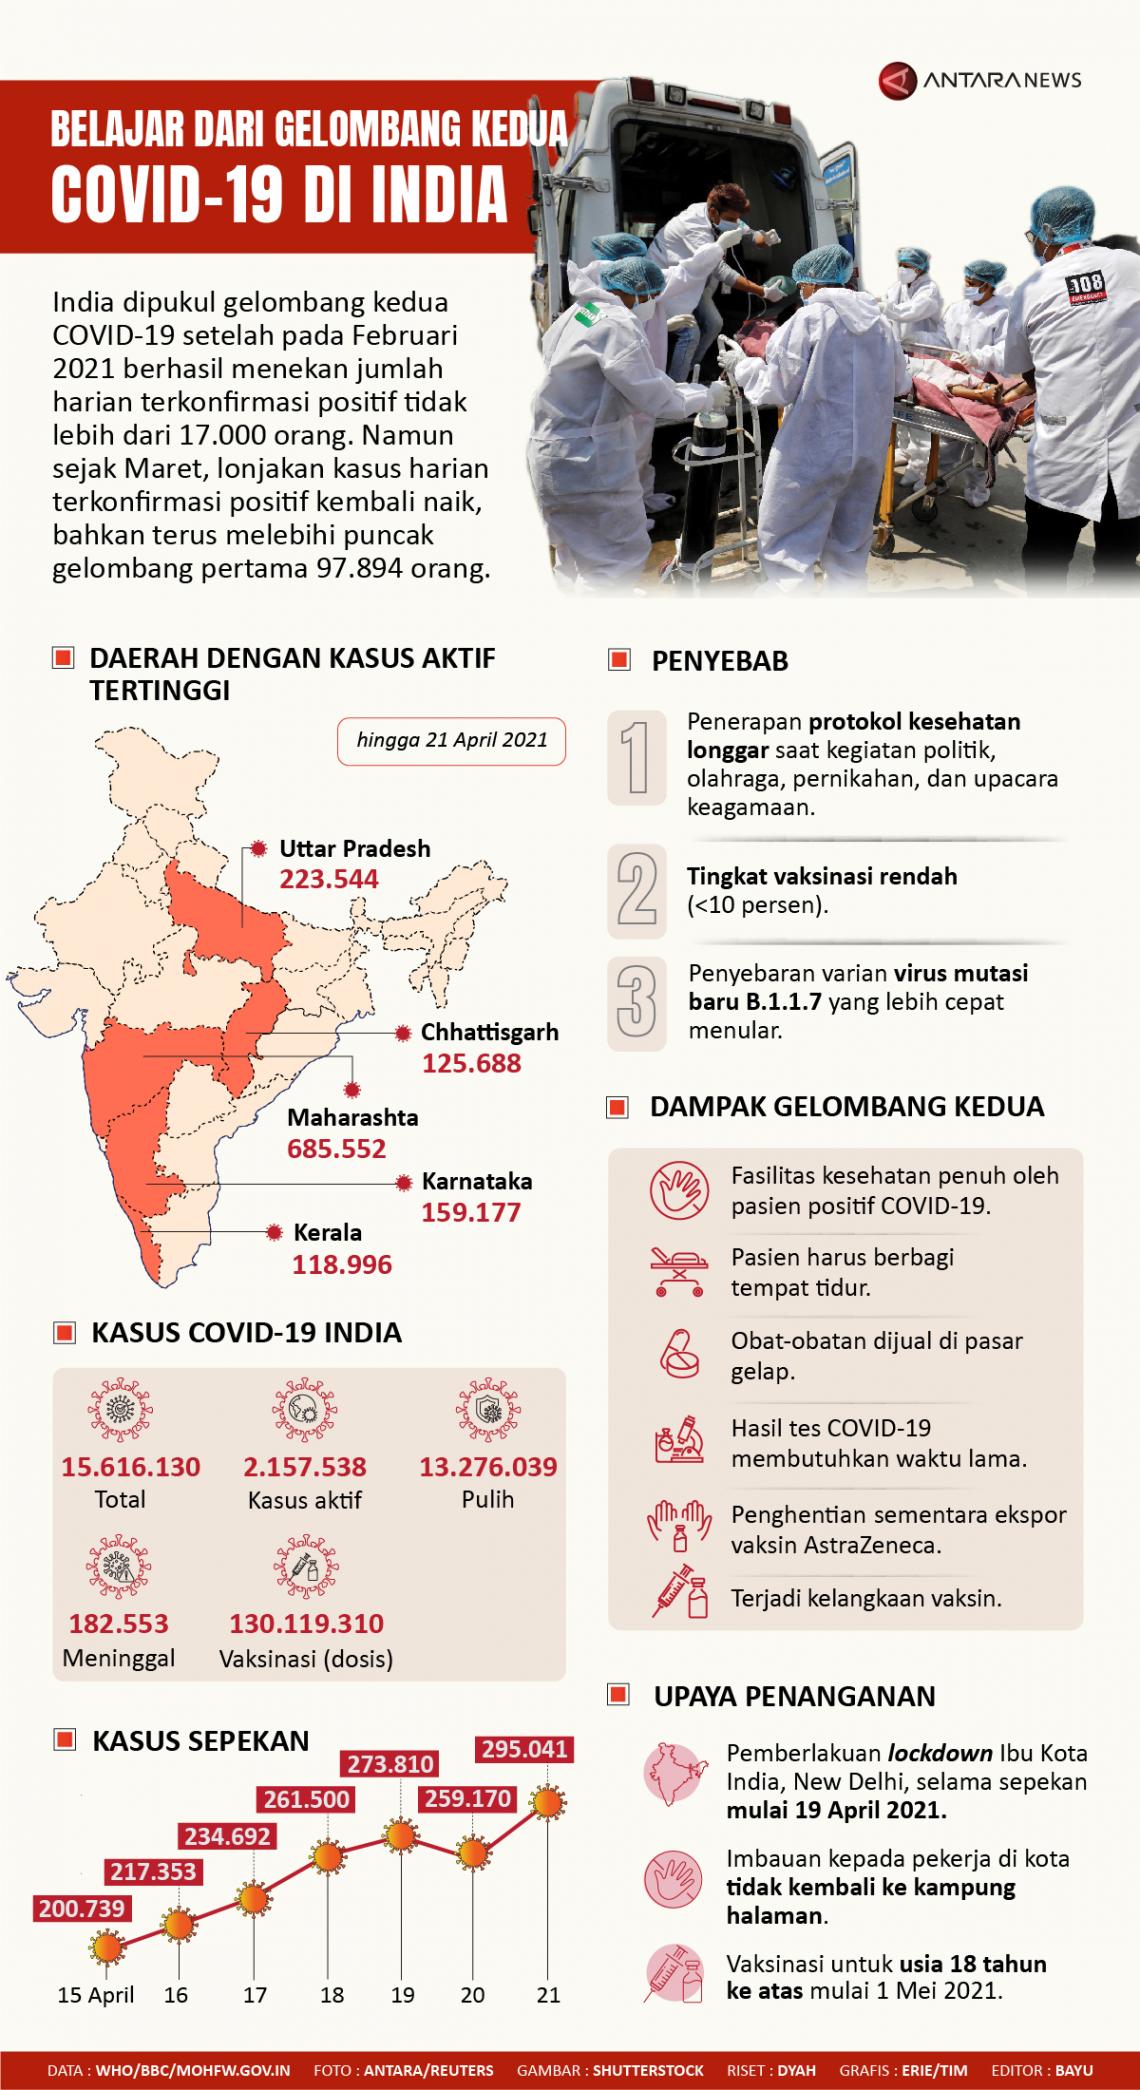 Belajar dari gelombang kedua COVID-19 di India